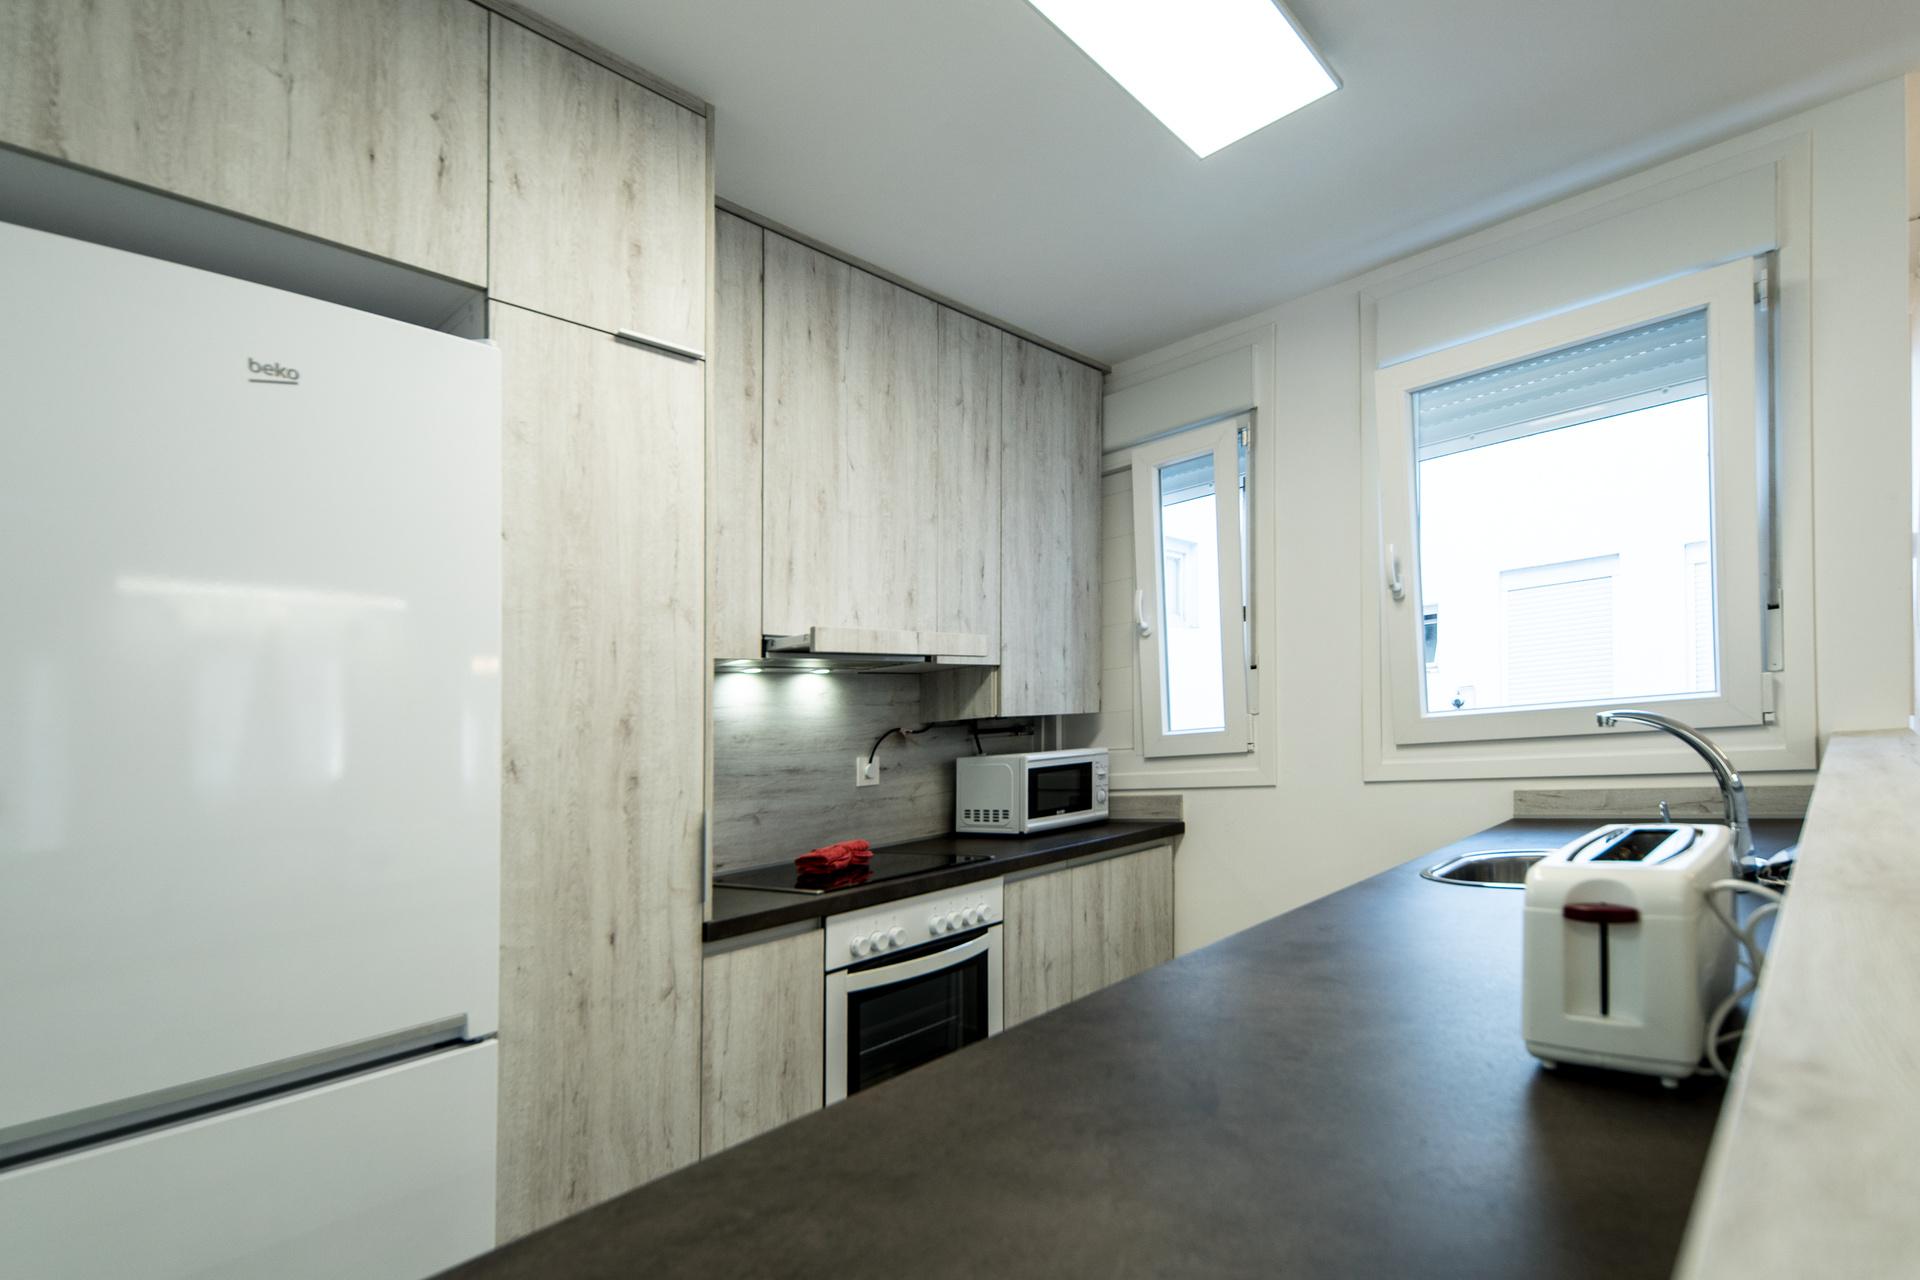 cocina alquilar piso zaragoza poppy rooms